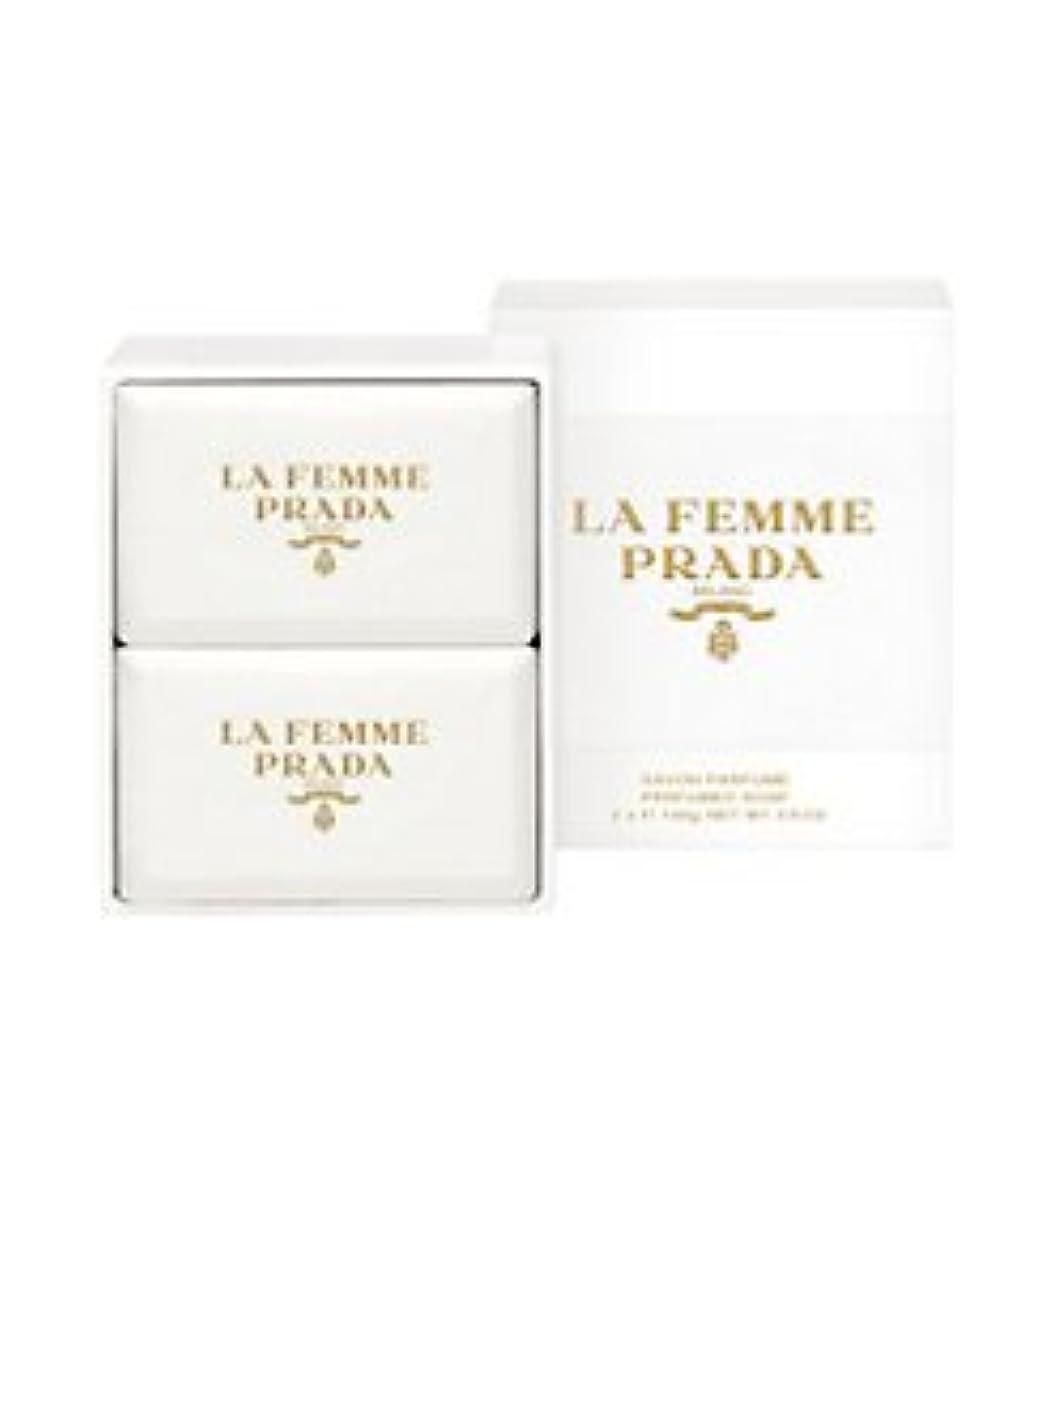 メディア薬剤師余暇La Femme Prada (ラ フェム プラダ) 1.75 oz (52ml) Soap (石鹸) x 2個 for Women